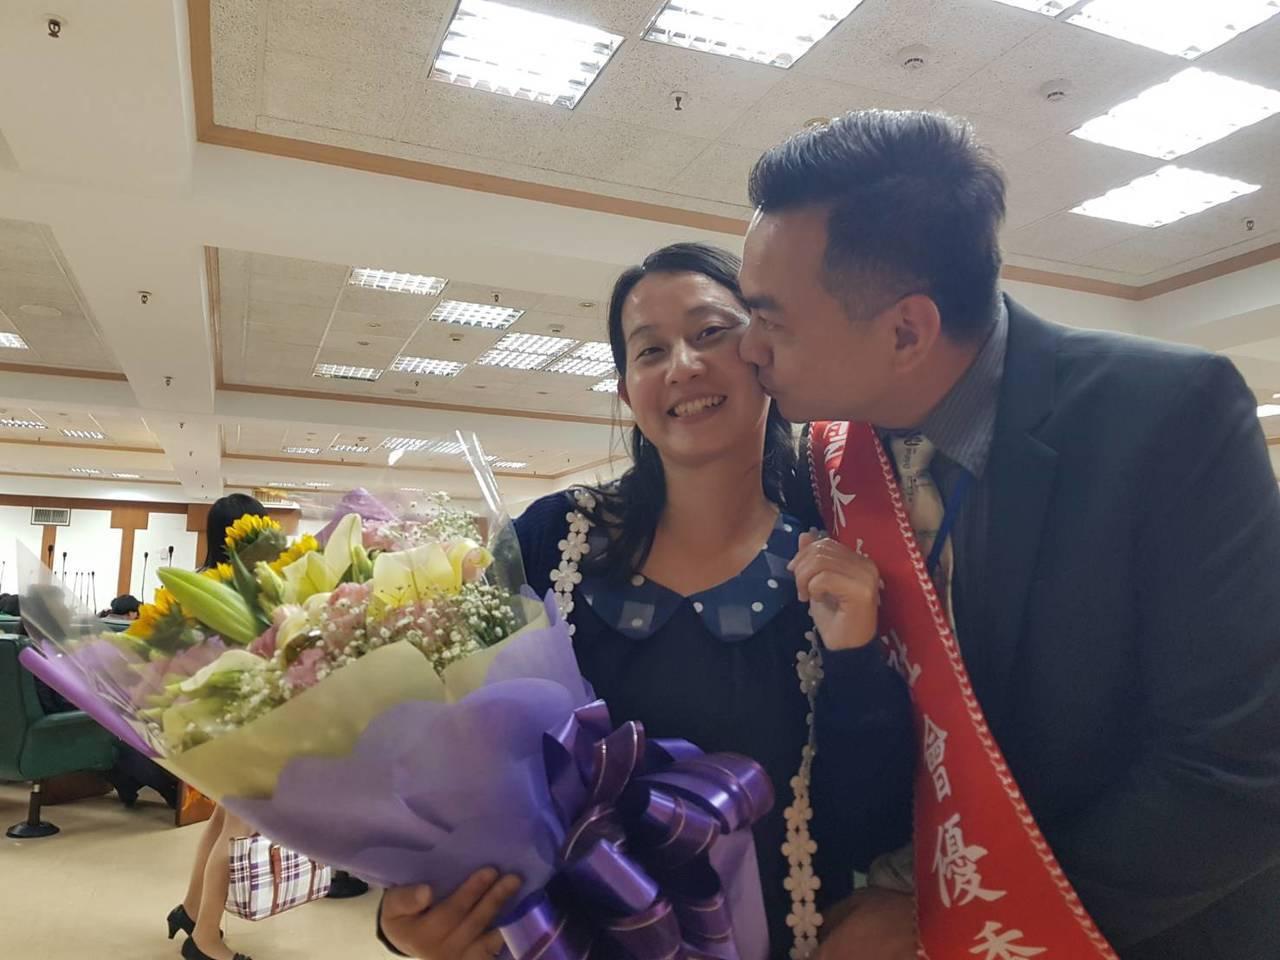 雲林家扶中心社工督導王耀慶(右)與妻子莊芯雅(左)從大學開始交往,二人更一起攜手...